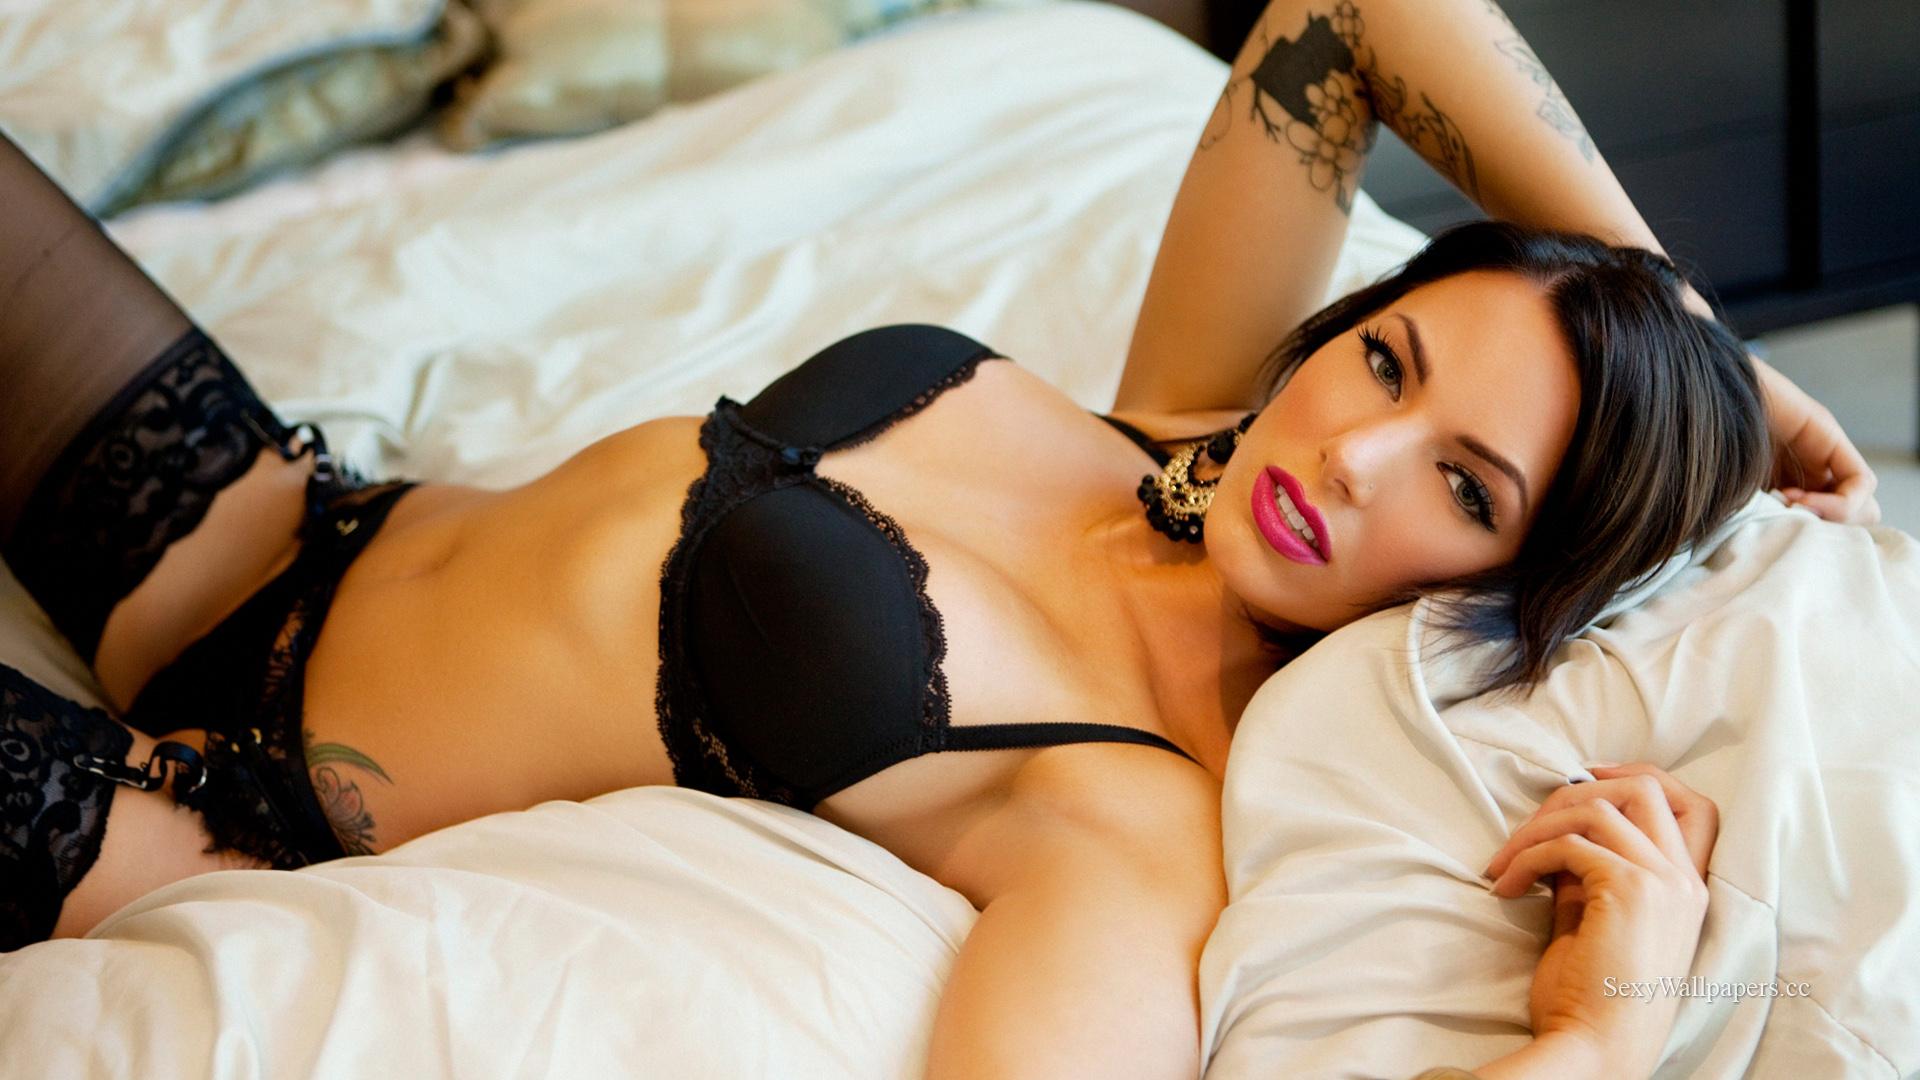 Sexy animated hd nude babes xxx photos